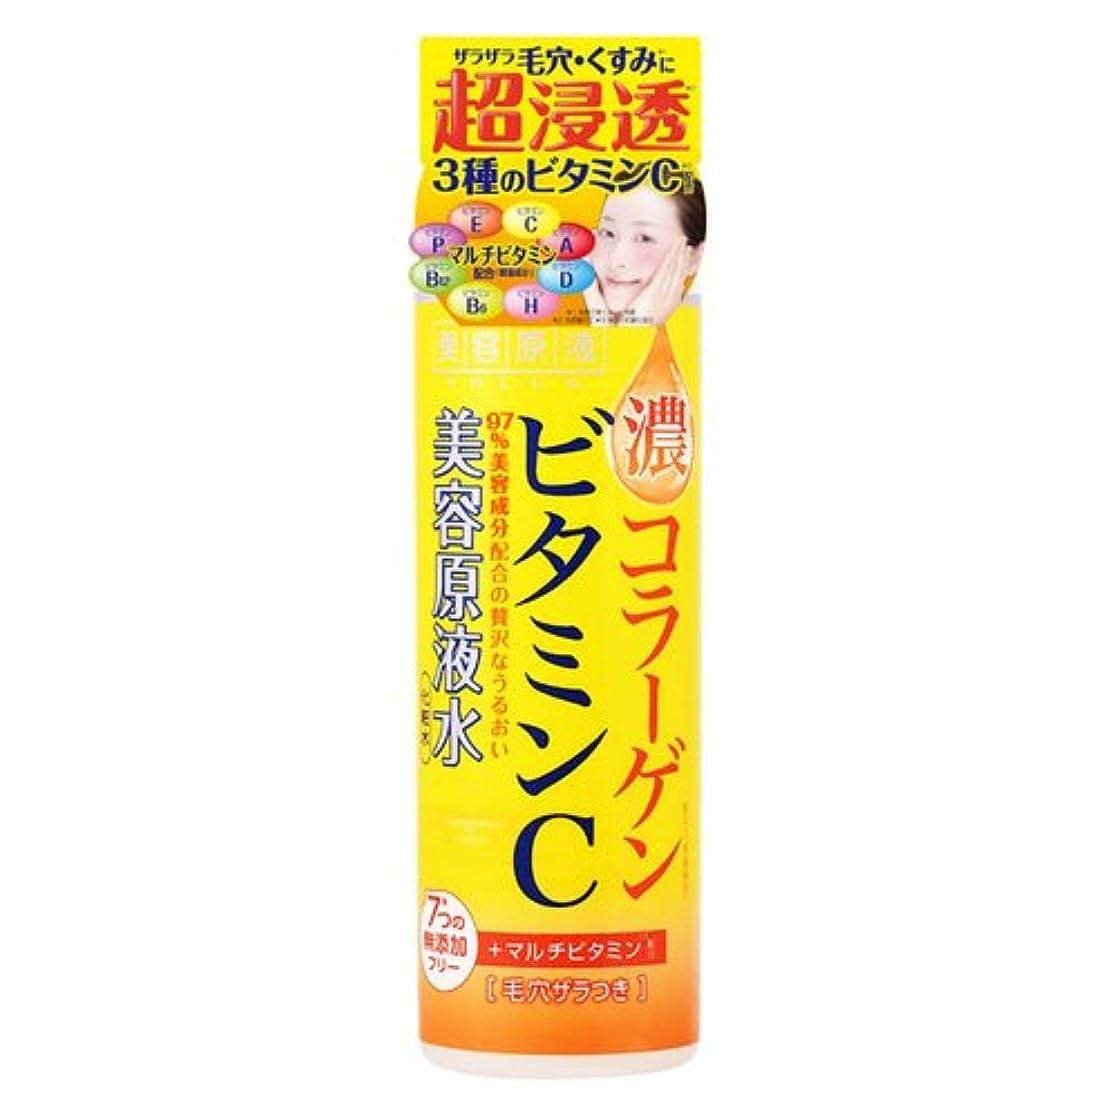 うめき粘液懐疑論美容原液 超潤化粧水VC 185mL